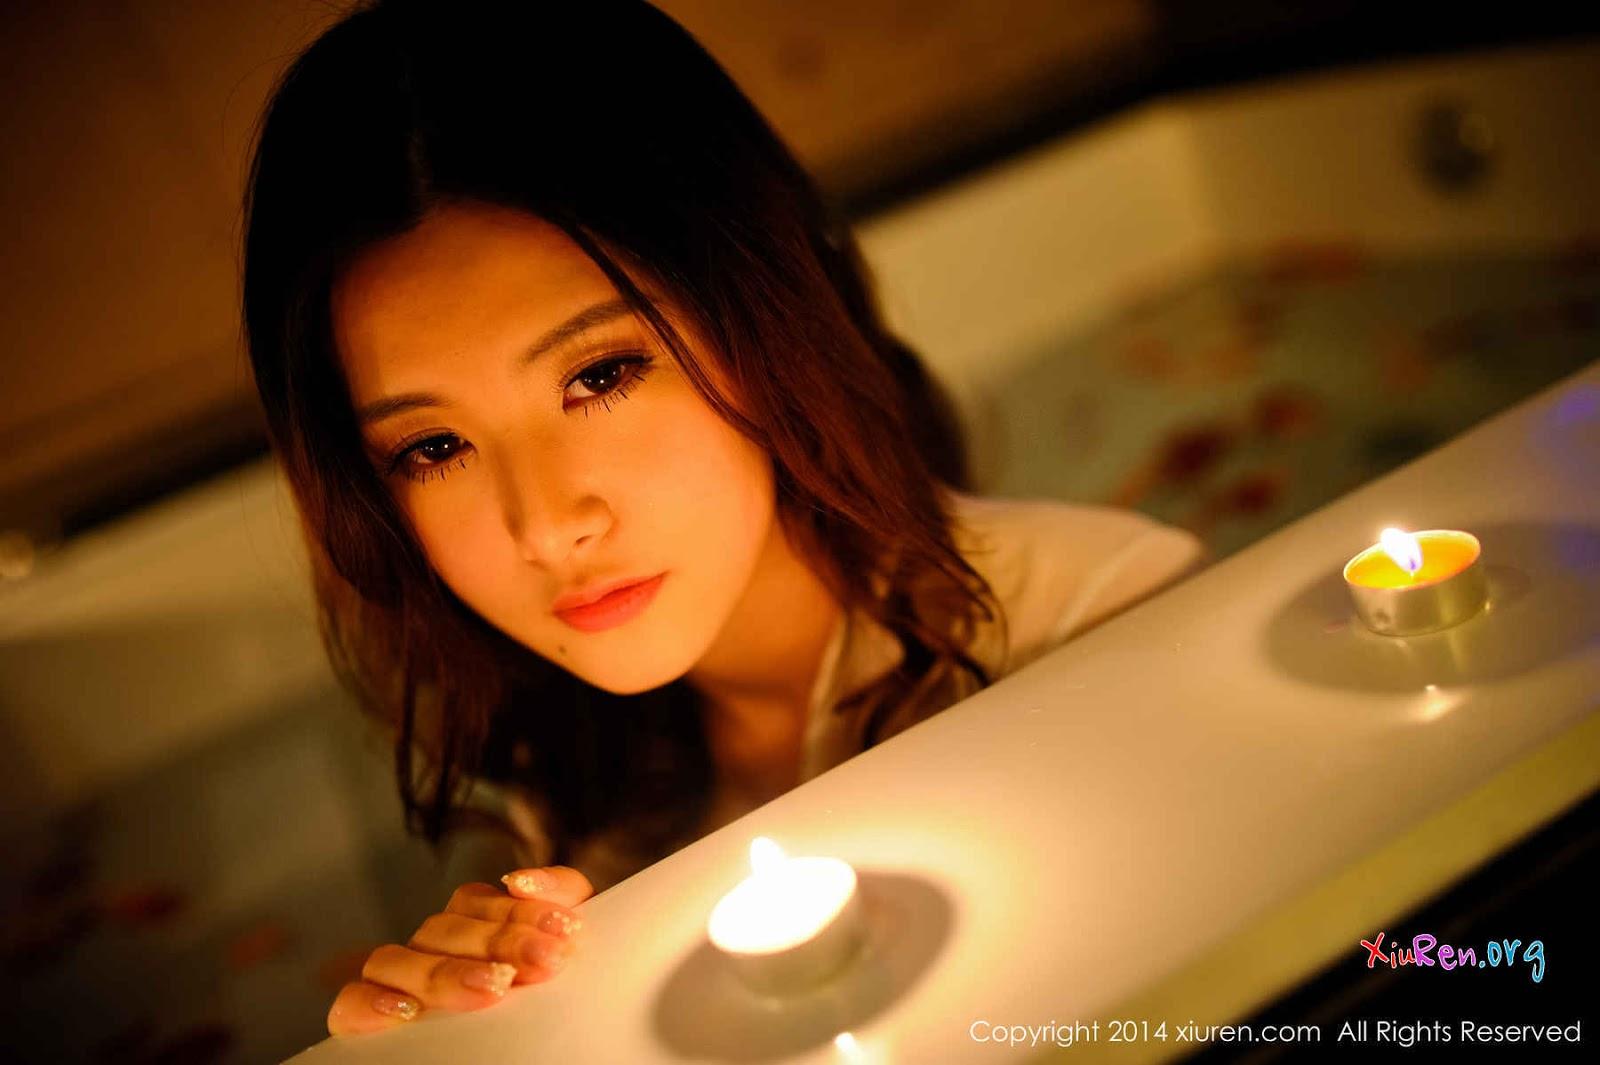 Ảnh gái đẹp HD Tỉnh mộng với thân hình quyến rủ 4